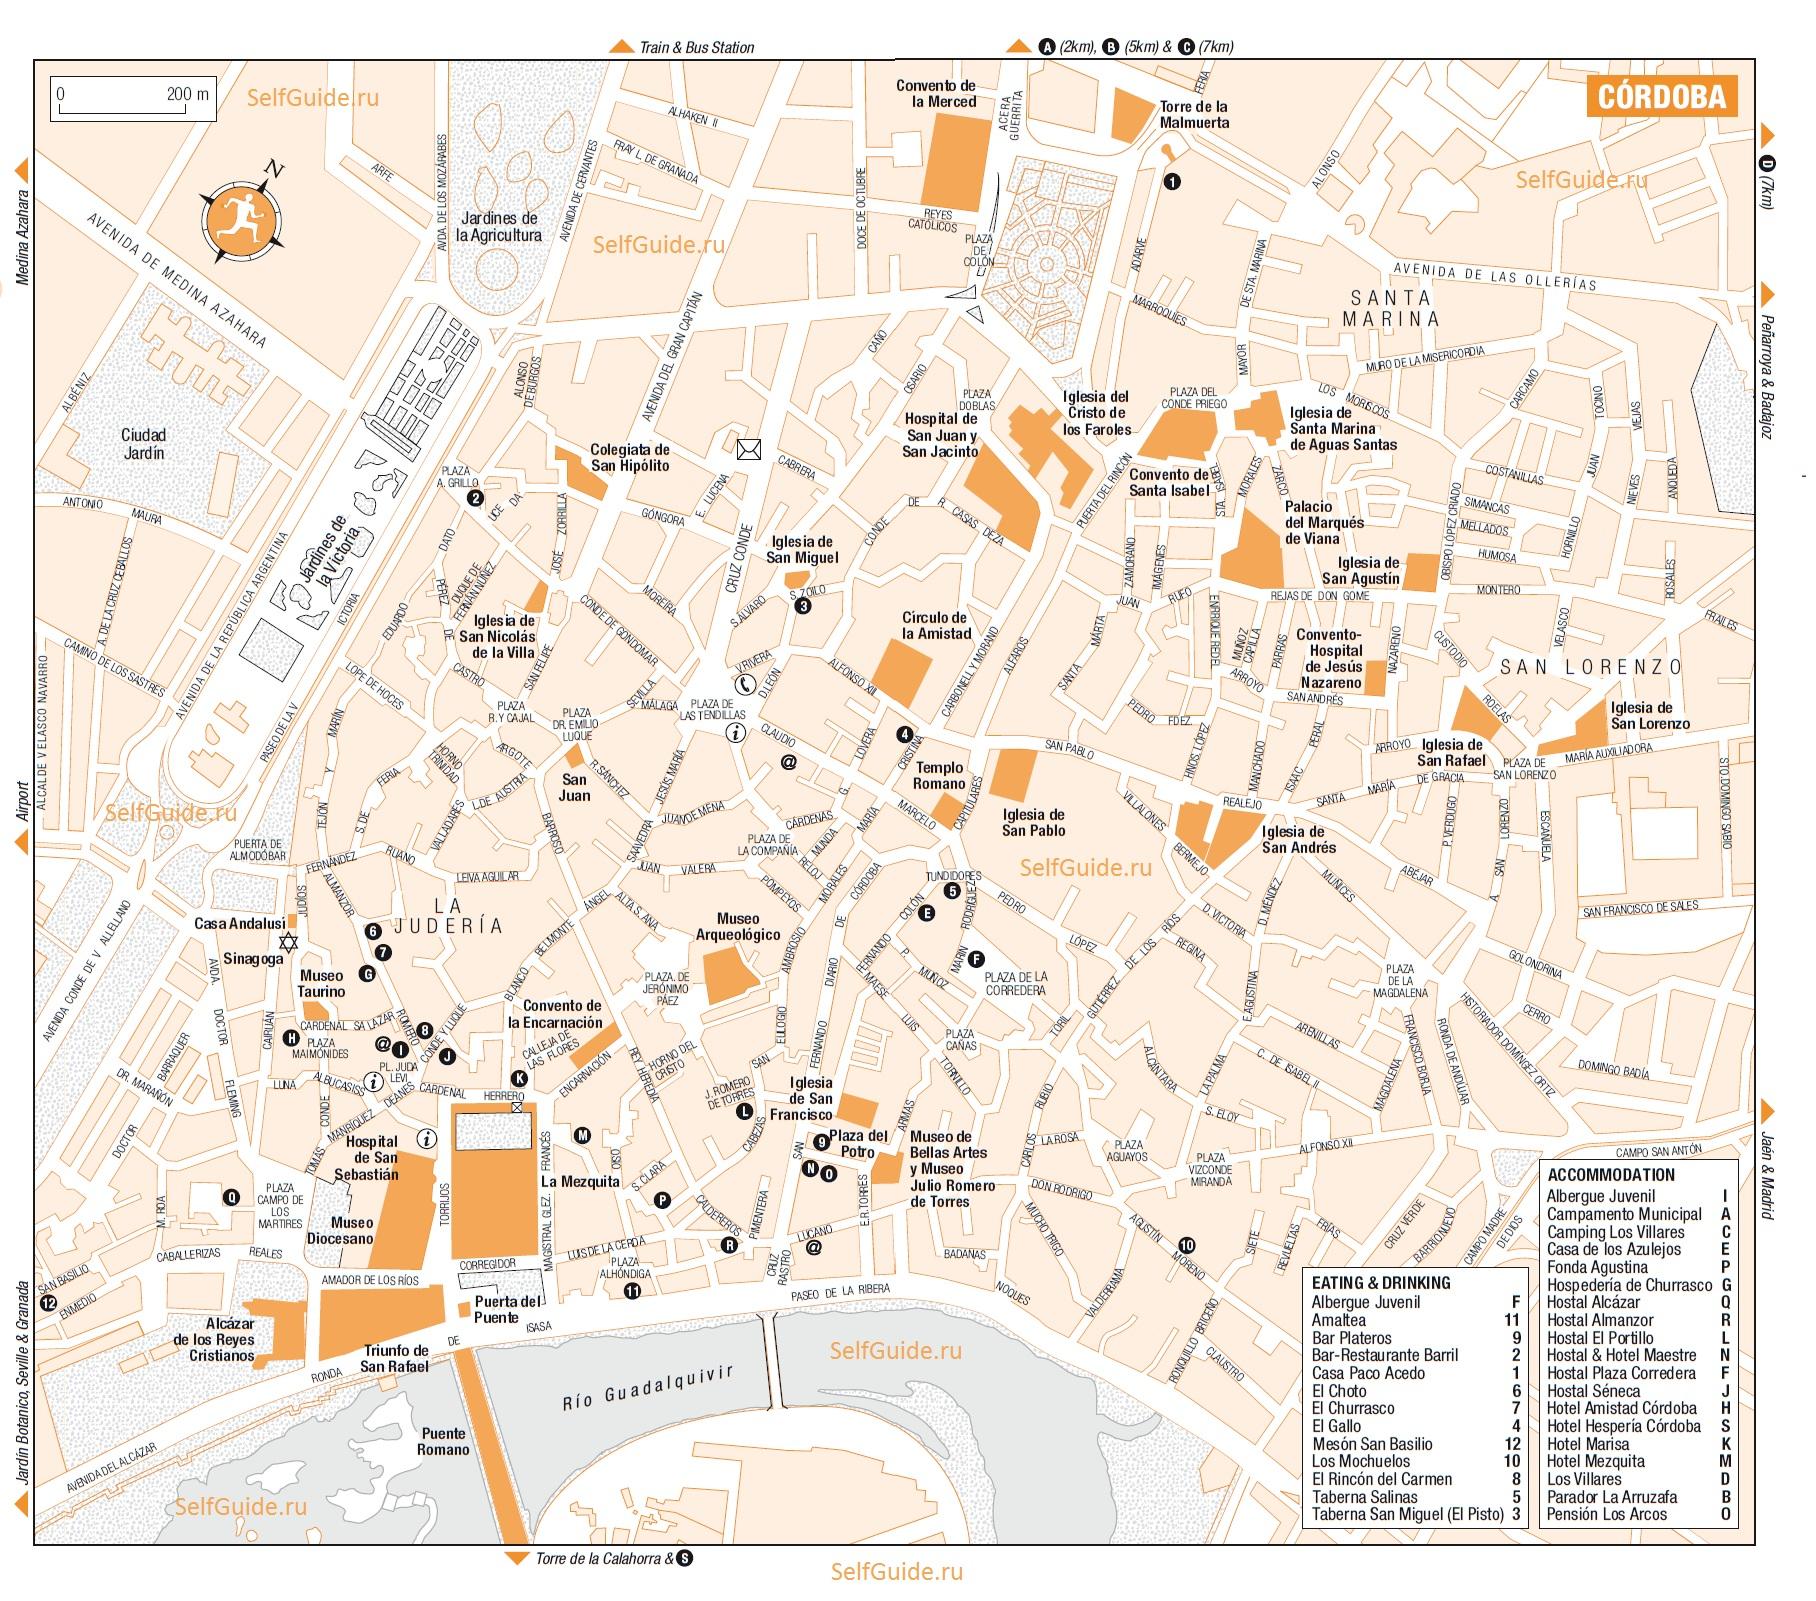 Туристическая карта Кордовы (Cordoba) с отмеченными достопримечательностями: